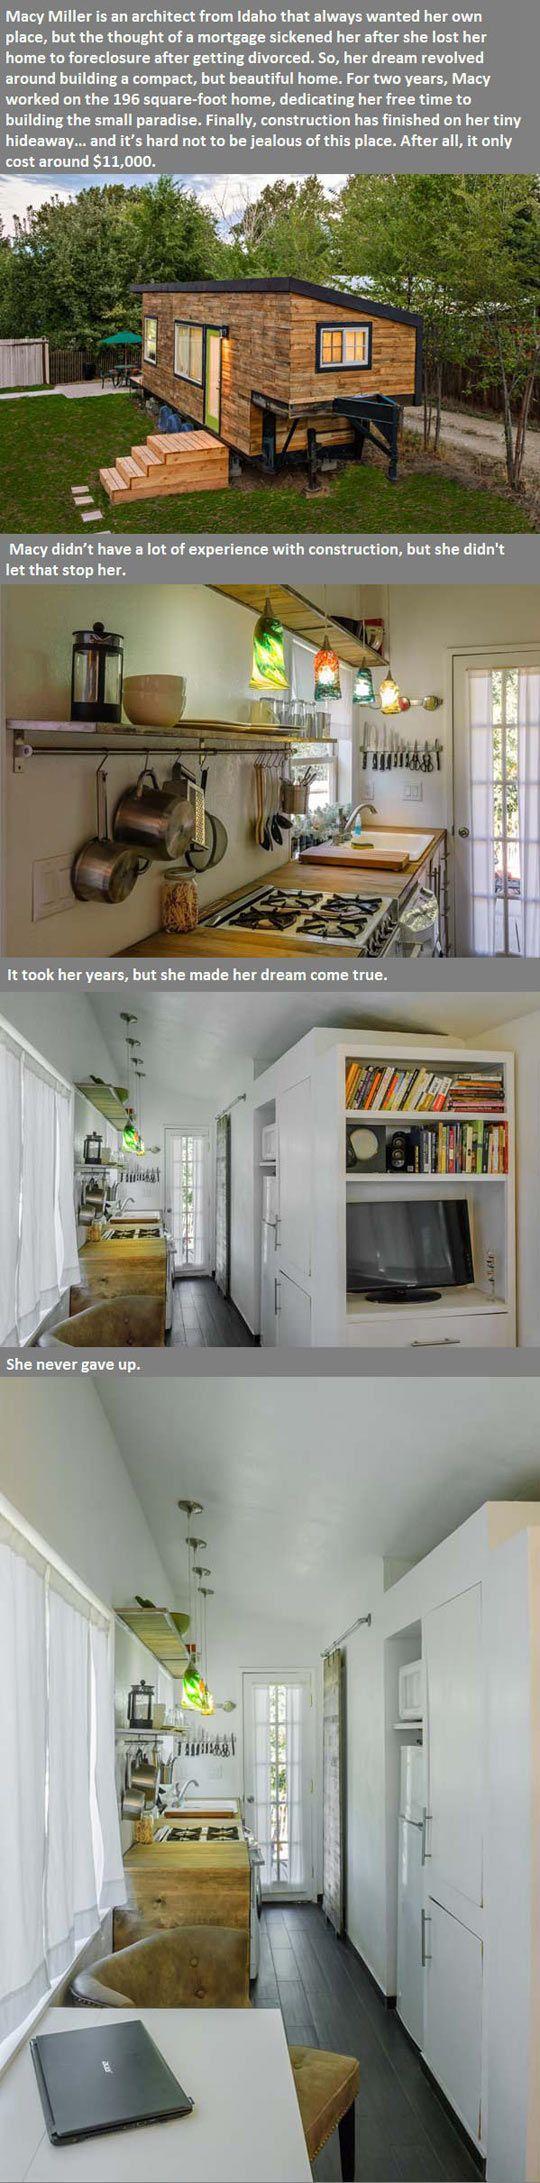 Reihe nach hause exterieur design die  besten bilder zu architecture auf pinterest  dachterrassen